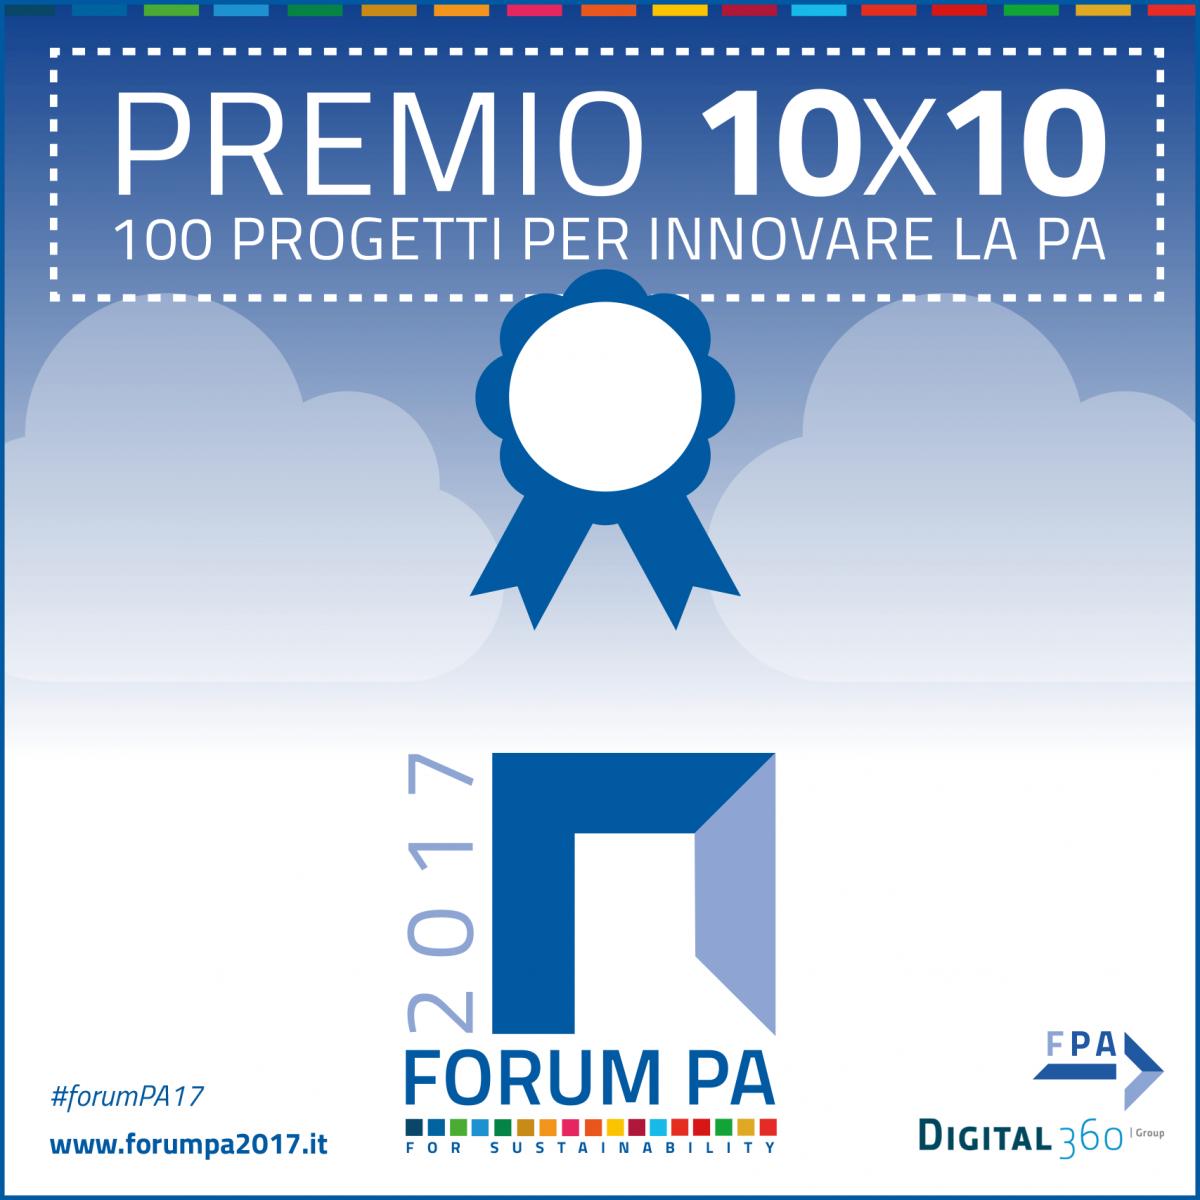 Premio ForumPA 2017